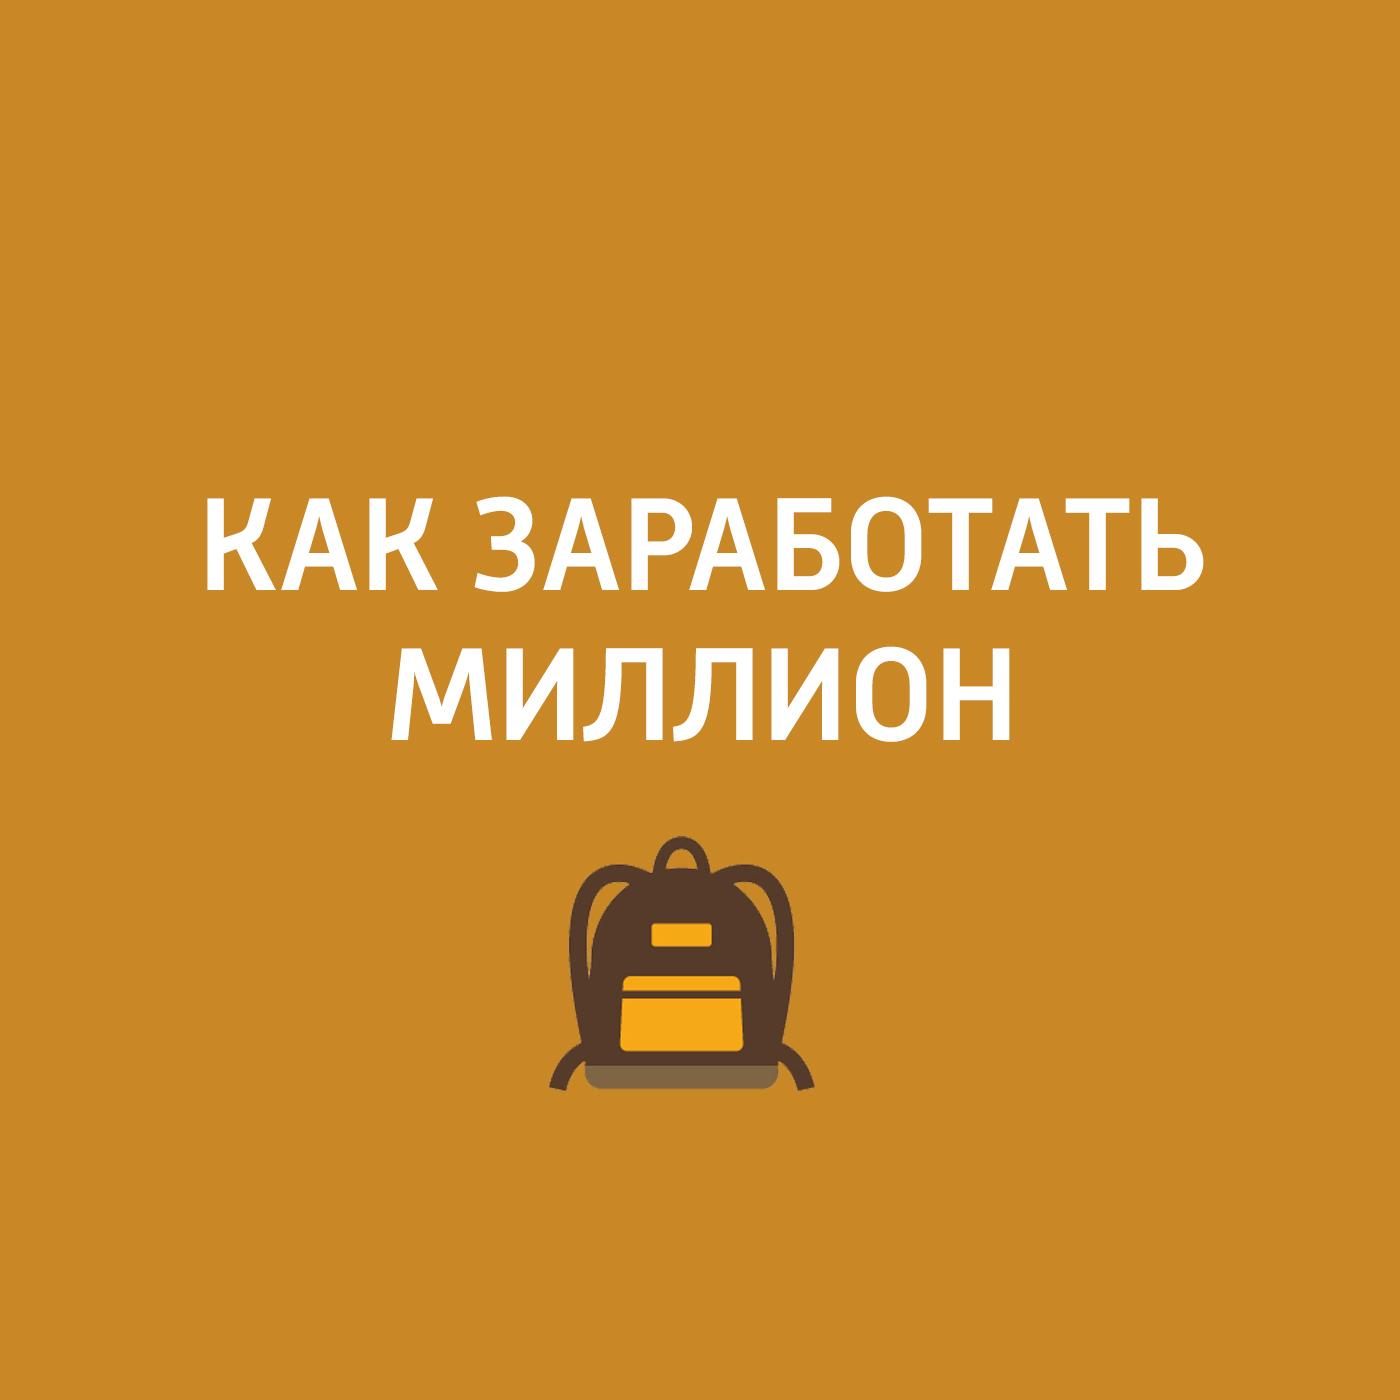 Творческий коллектив шоу «Сергей Стиллавин и его друзья» Playtronica оживляет повседневные предметы и дает им собственный голос теннисные ракетки с мячиком детские